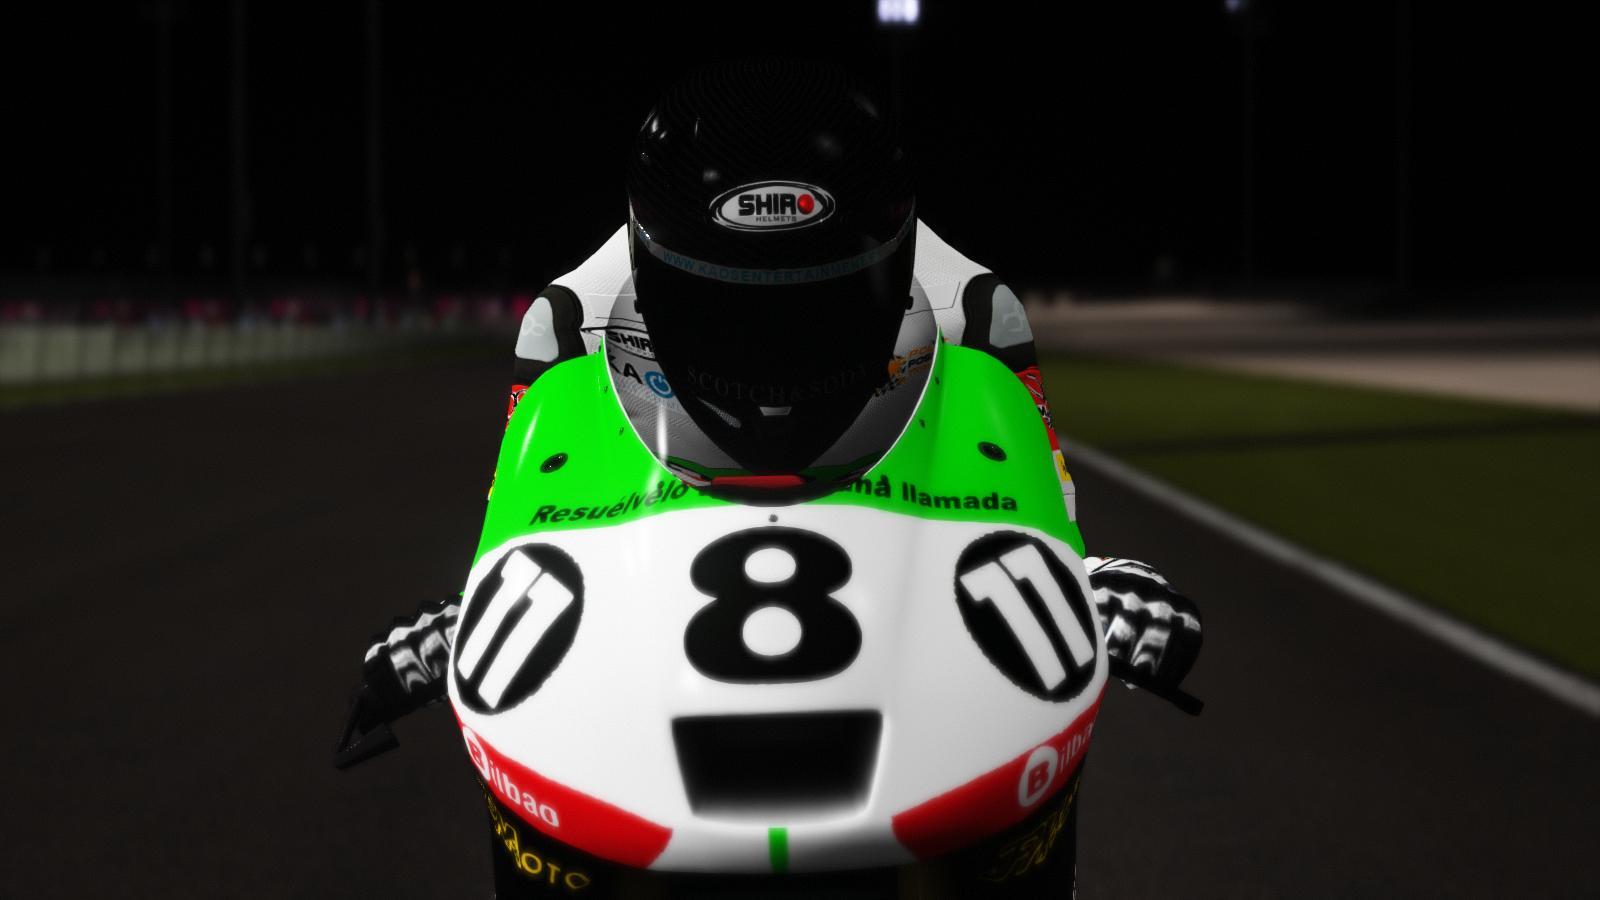 MotoGP15X64 2016-03-22 03-19-06-80.jpg